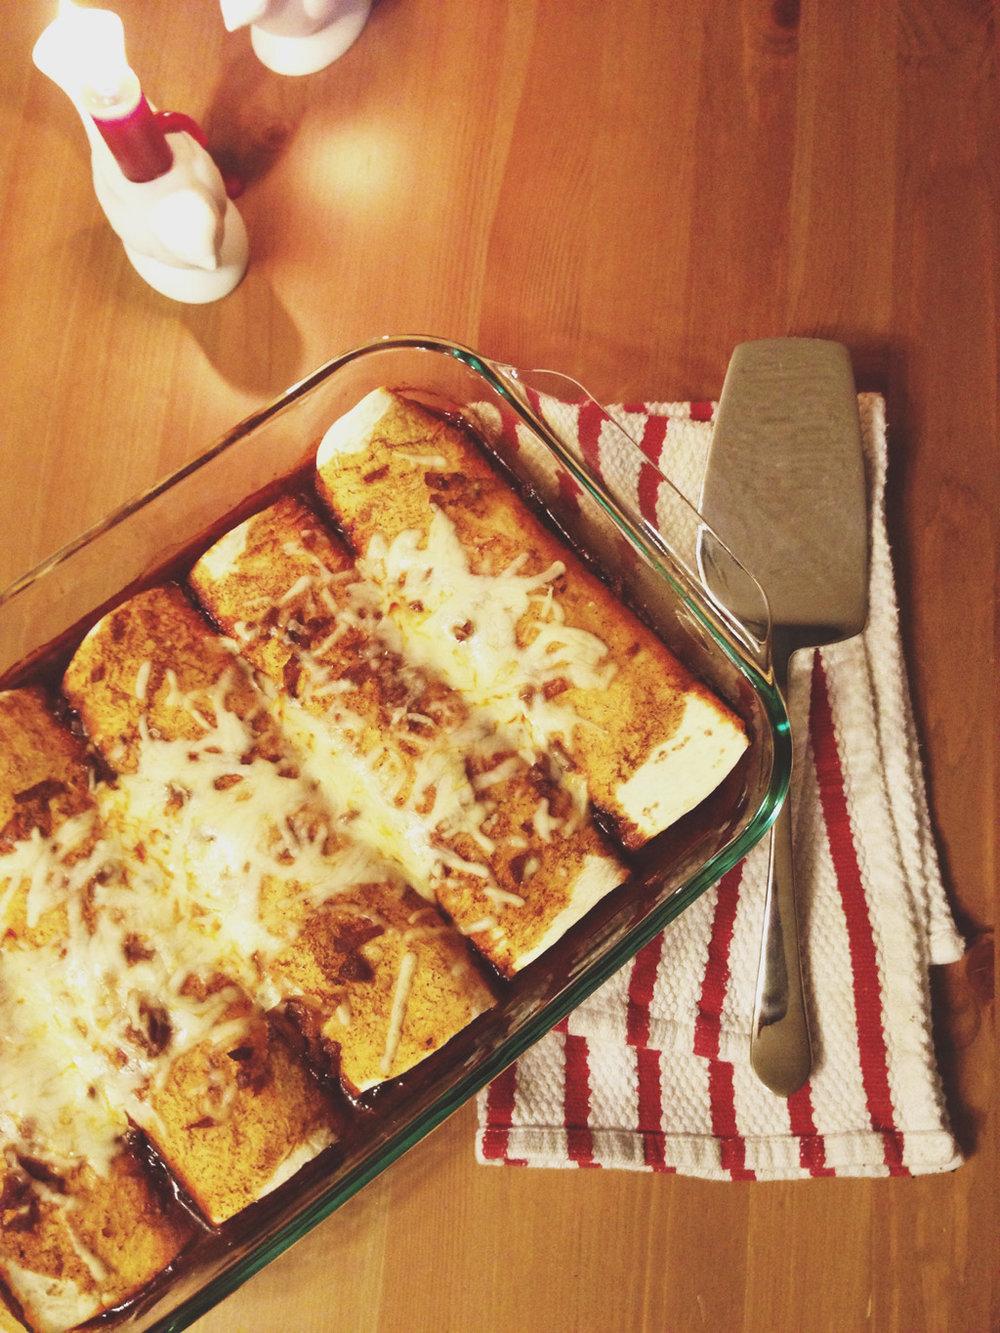 Cheesy-Chicken-Spinach-Enchiladas-2-Kitchen-Pots-Tabletops.jpg